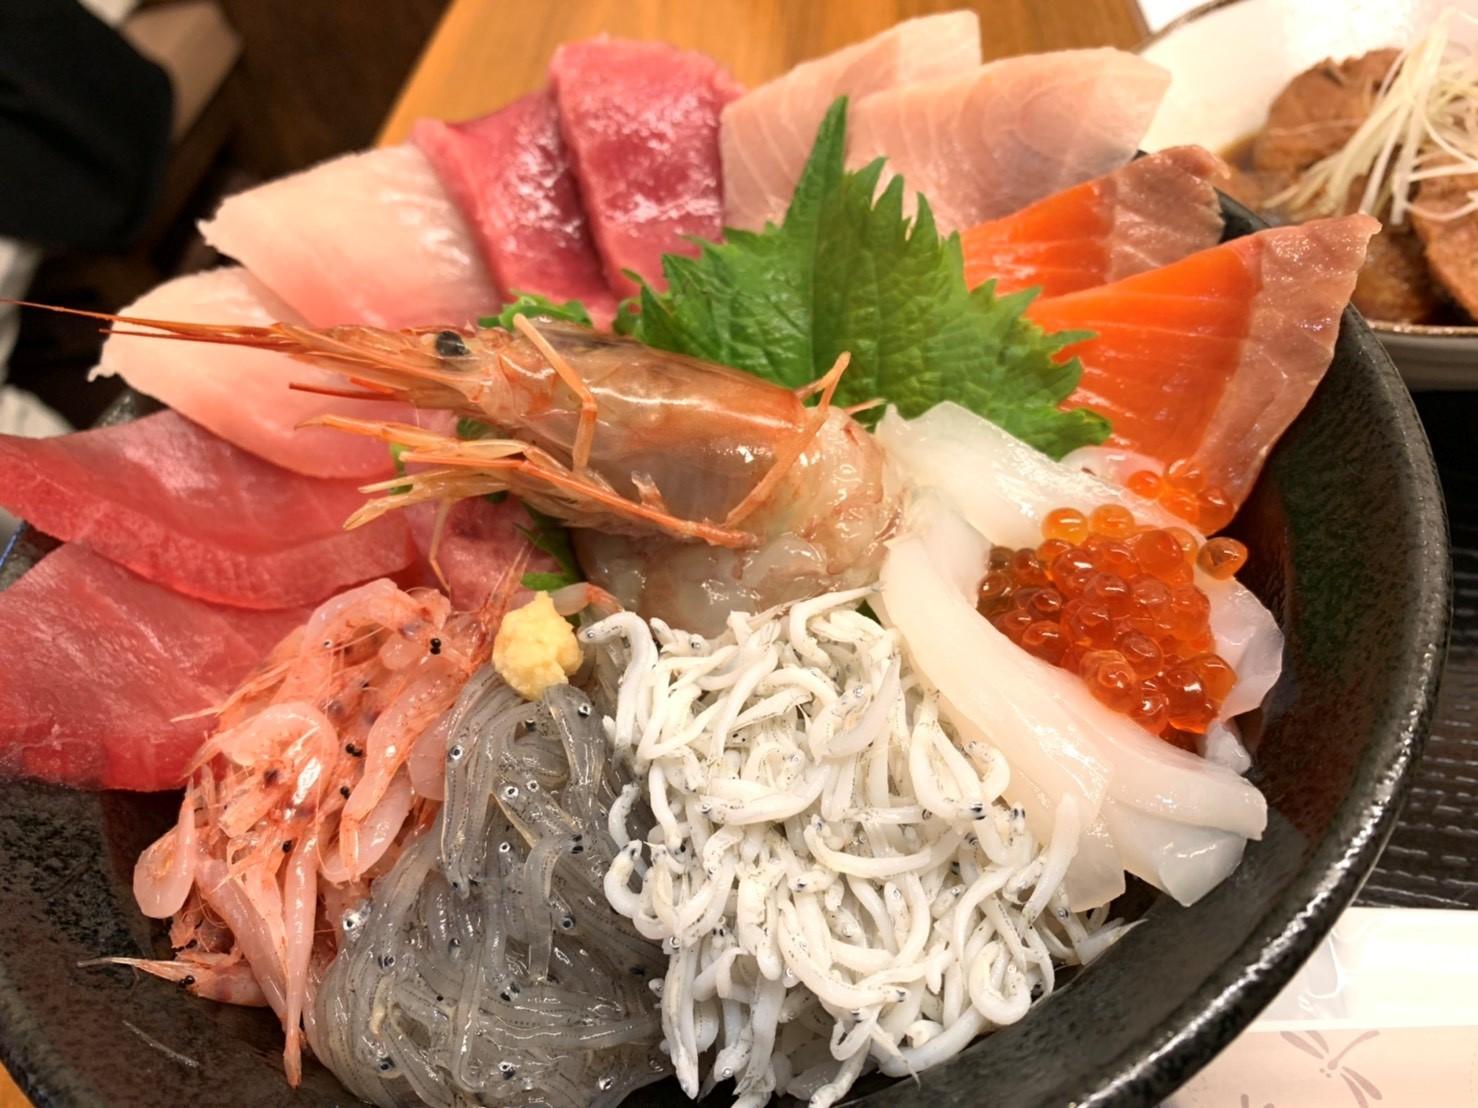 またまた静岡_d0167225_10553156.jpg